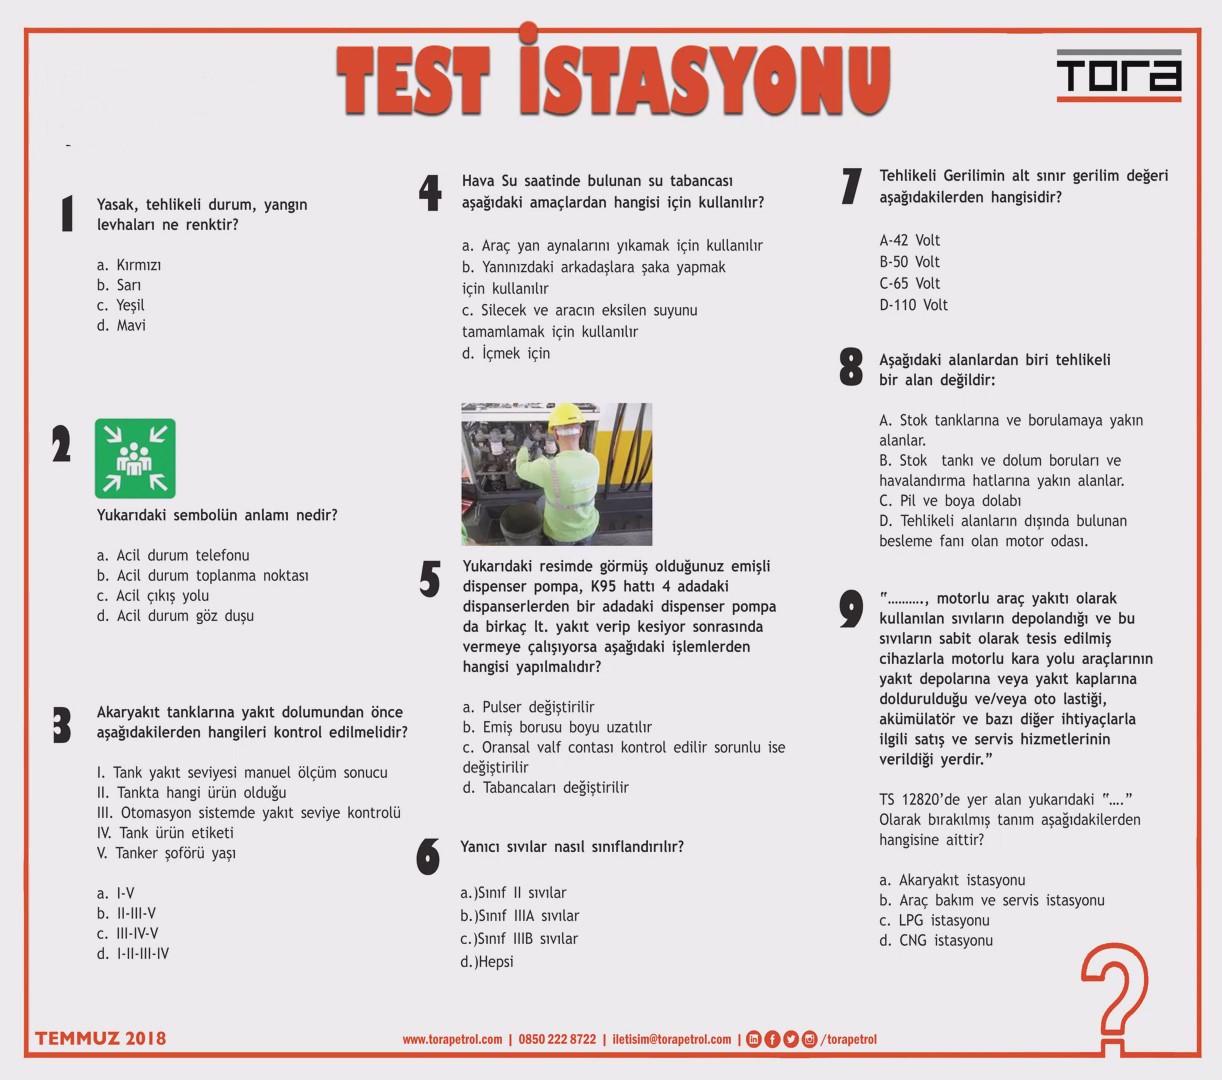 TEST İSTASYONU TEMMUZ